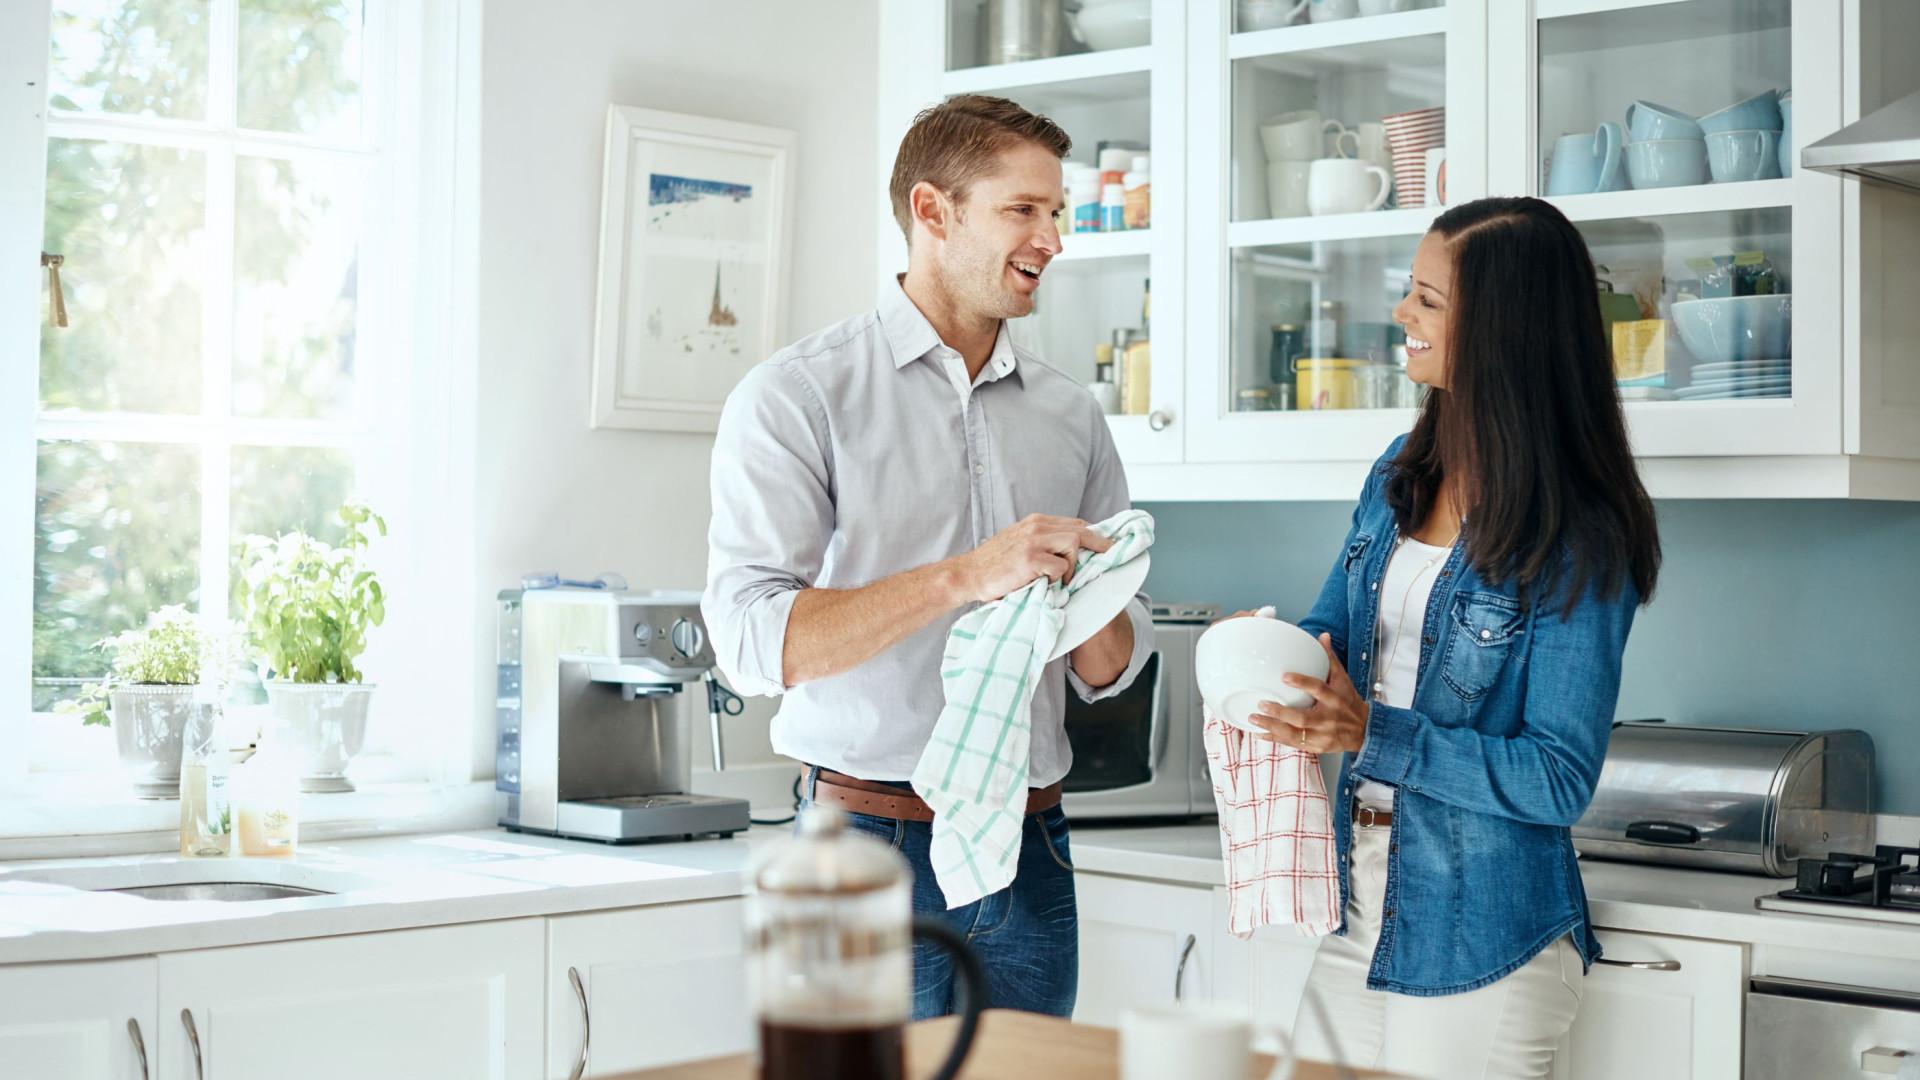 Será que os panos de cozinha podem provocar gastroenterites?